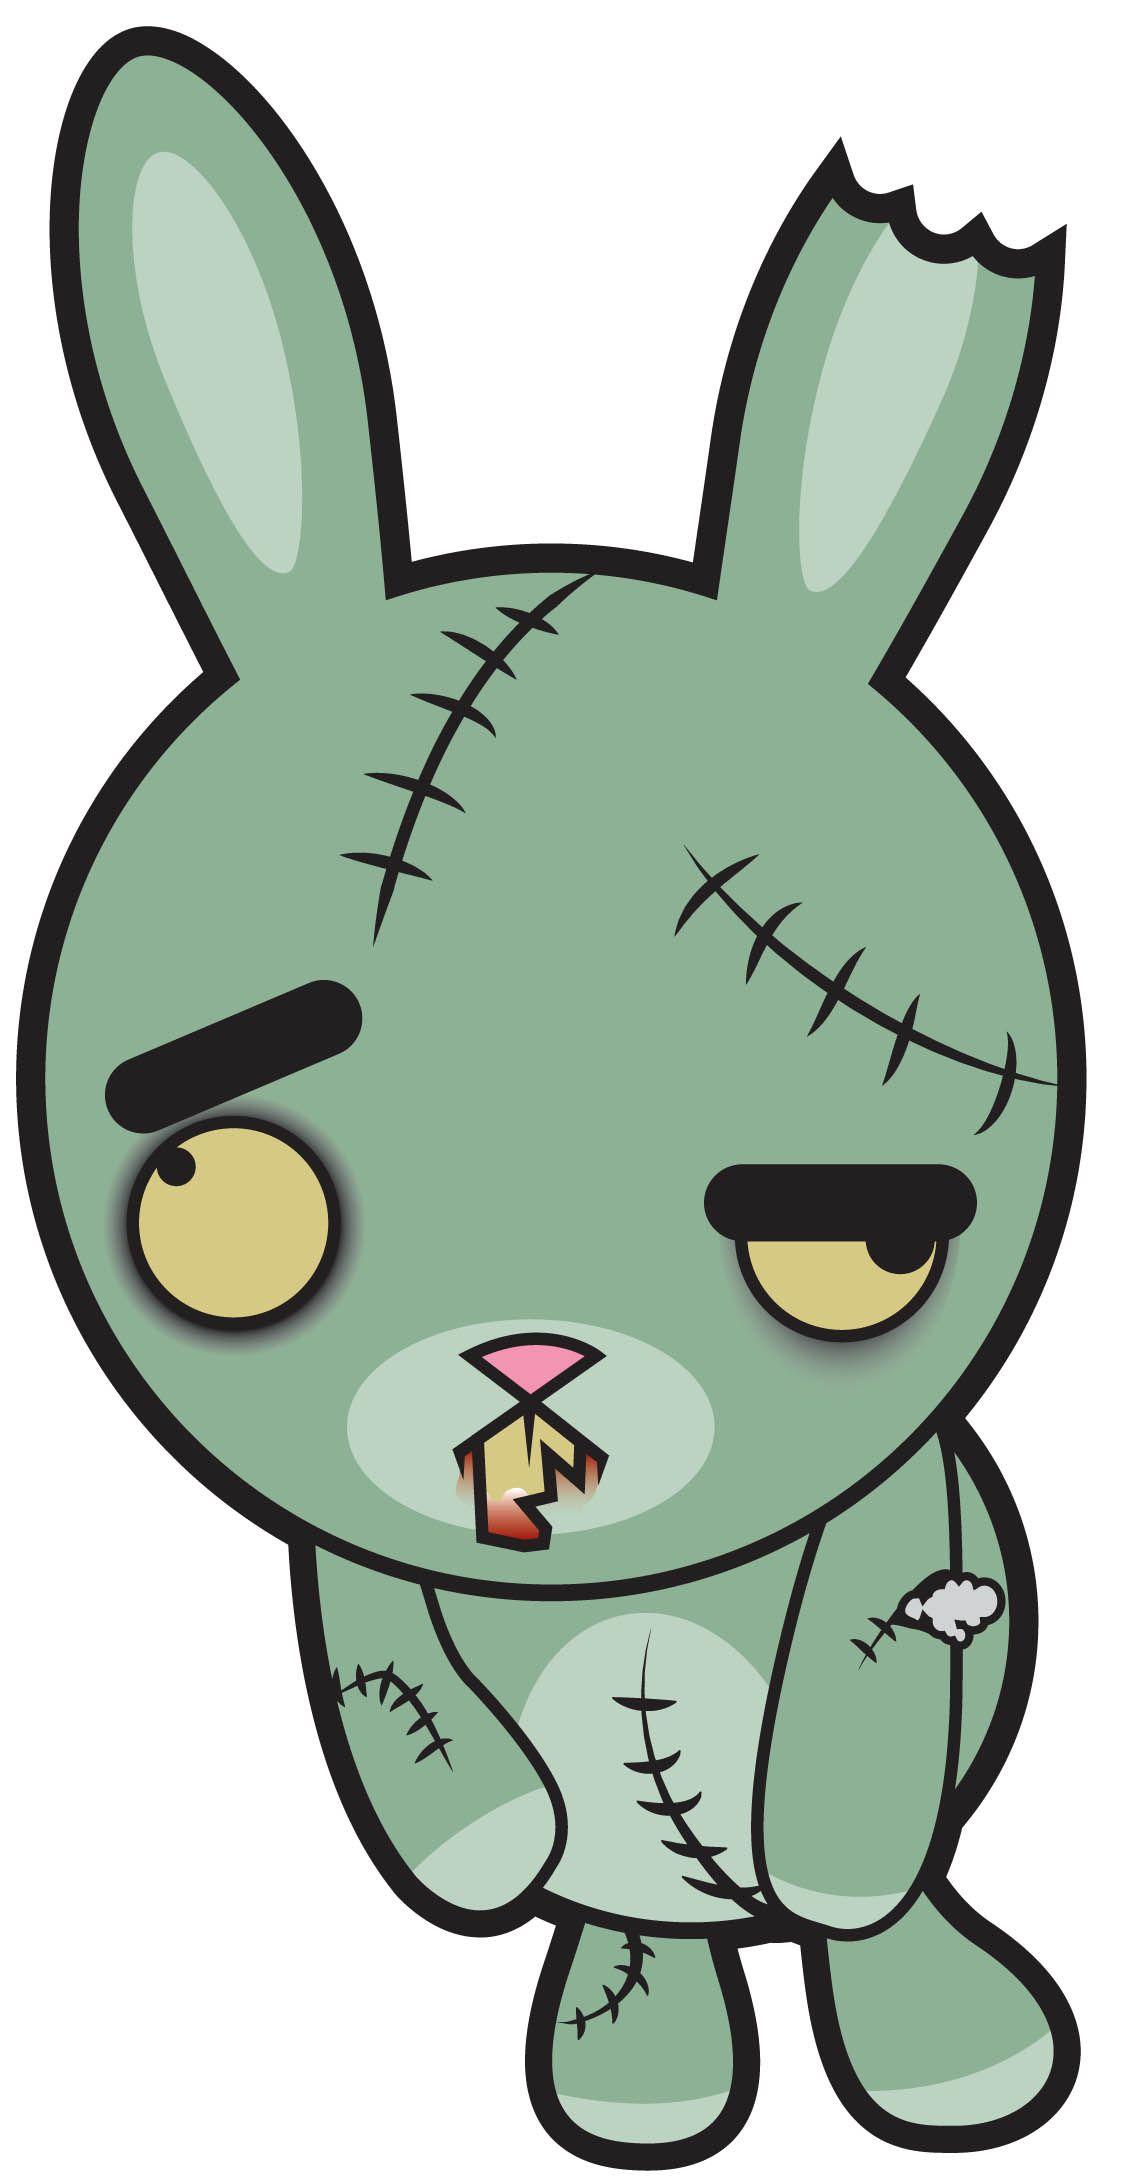 1130x2181 Zombie Bunny My Scary Cartoons Zombie Bunny, Frankenstein, Dracula